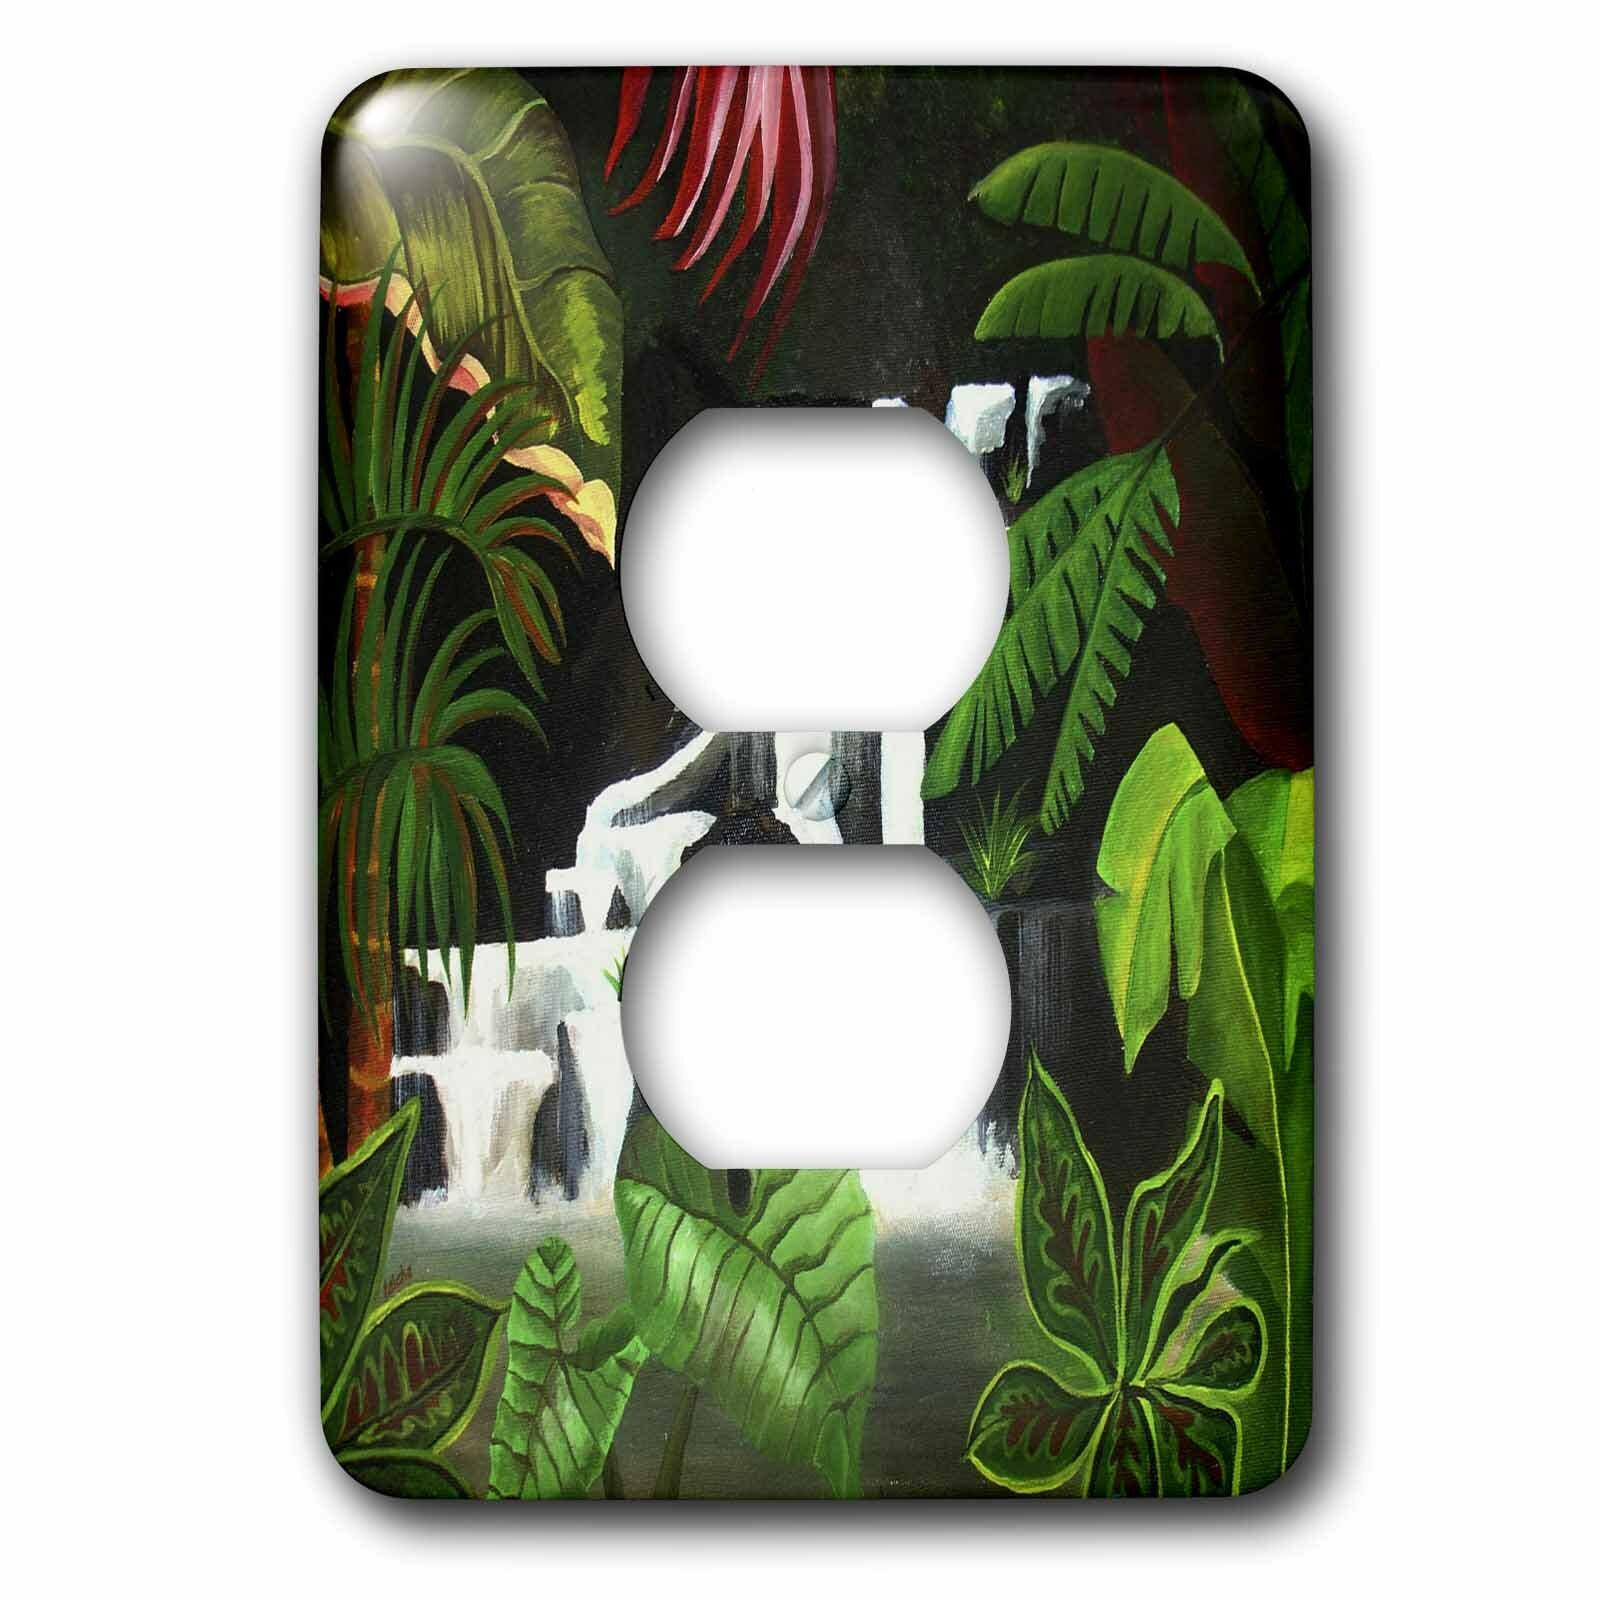 3drose Waterfall Wilderness Cascade Fantasy Forest Green Jungle Landscape River 1 Gang Duplex Outlet Wall Plate Wayfair